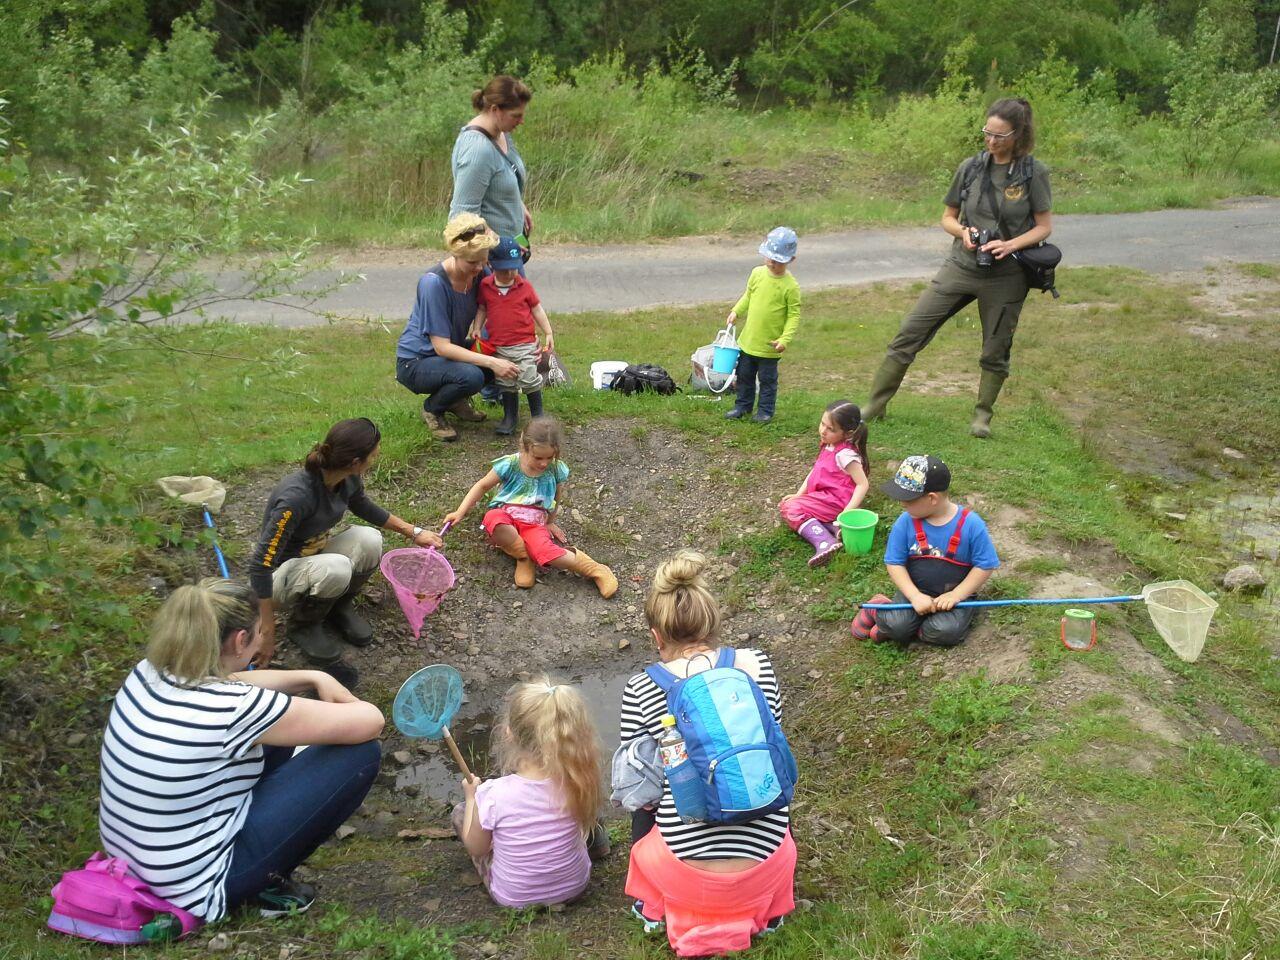 Die Tümpel werden nach Amphibien abgesucht. - Foto: Britta Raabe